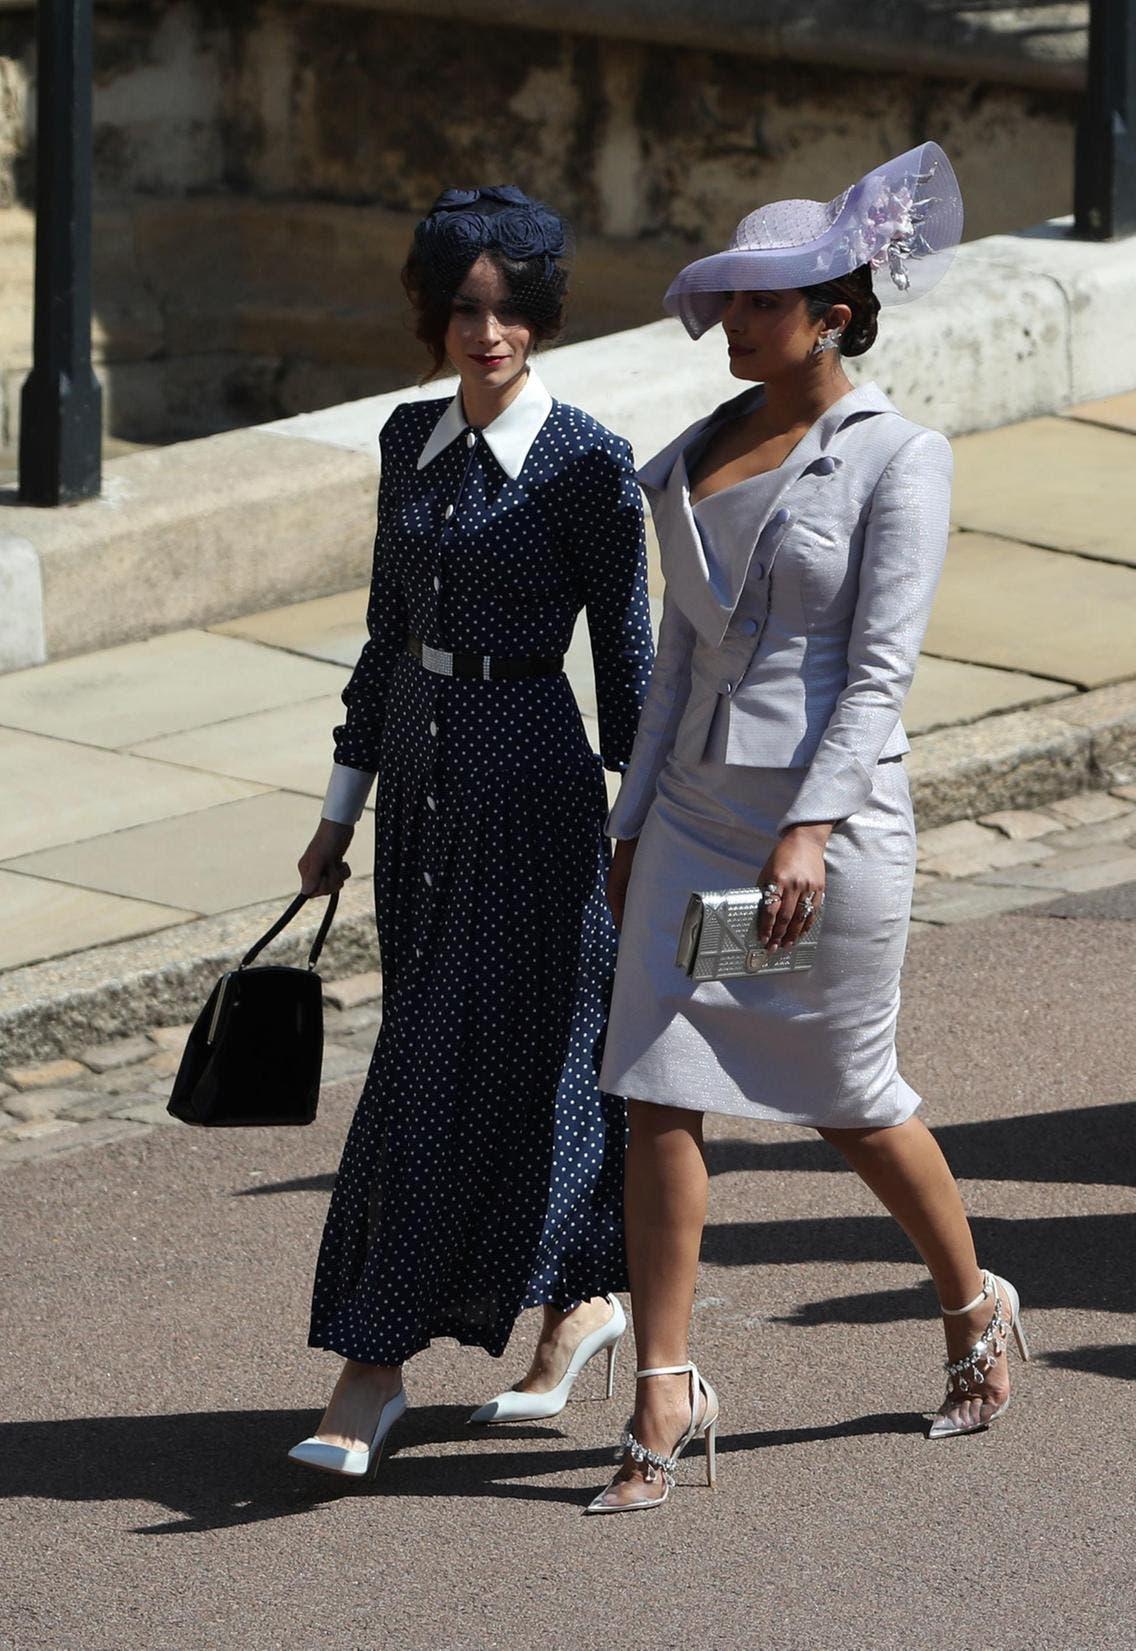 بريانكا بتايور من فيفيان ويستوود في العام 2018 خلال حفل زفاف الأمير هاري وميغان ماركل